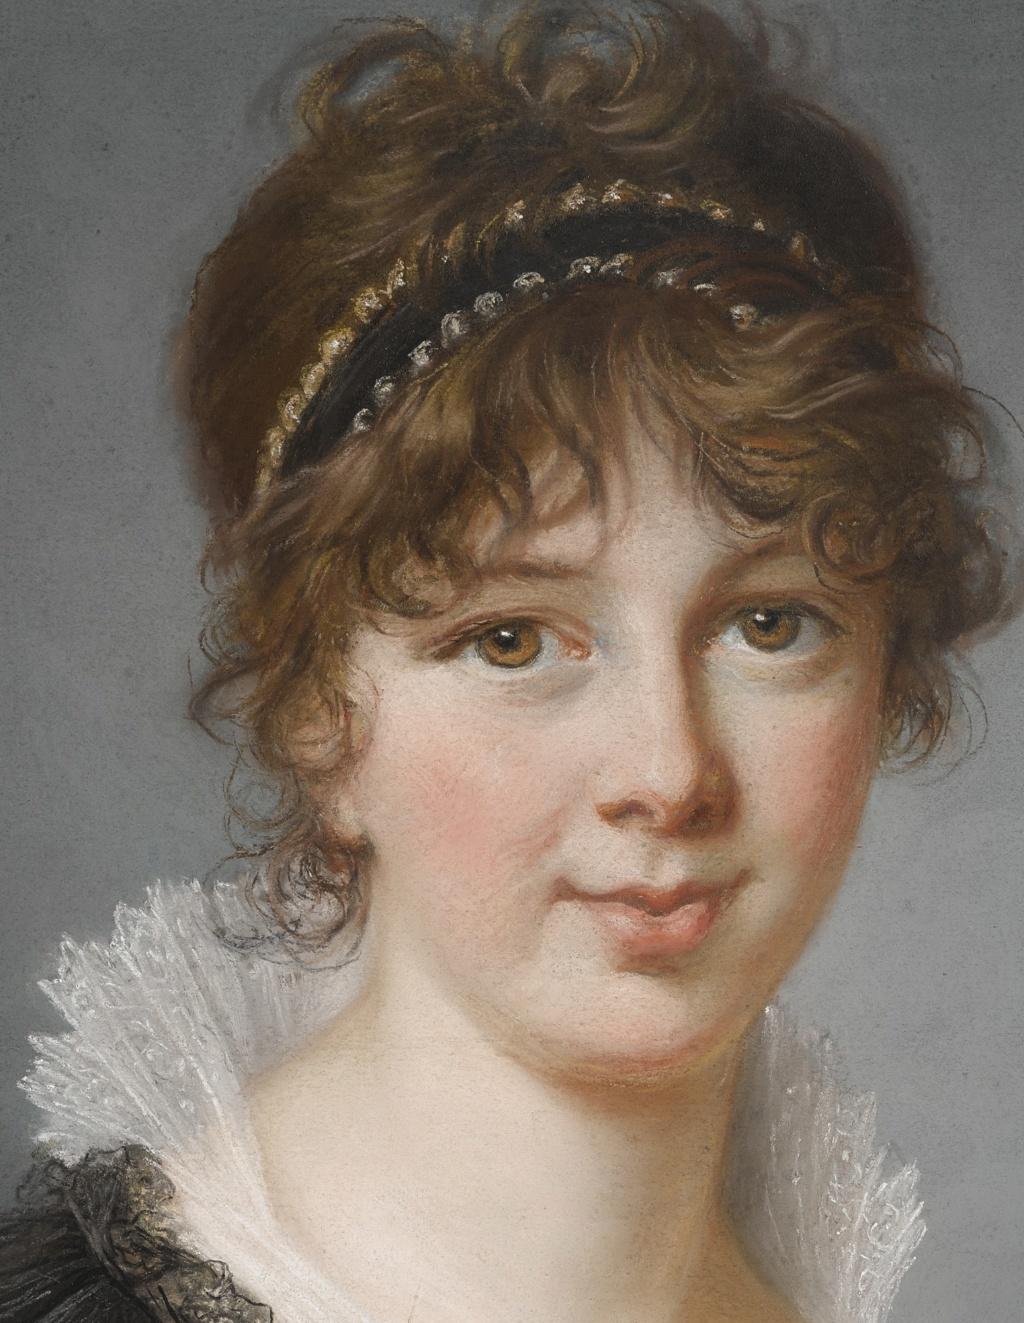 Galerie virtuelle des oeuvres de Mme Vigée Le Brun - Page 13 095n1011